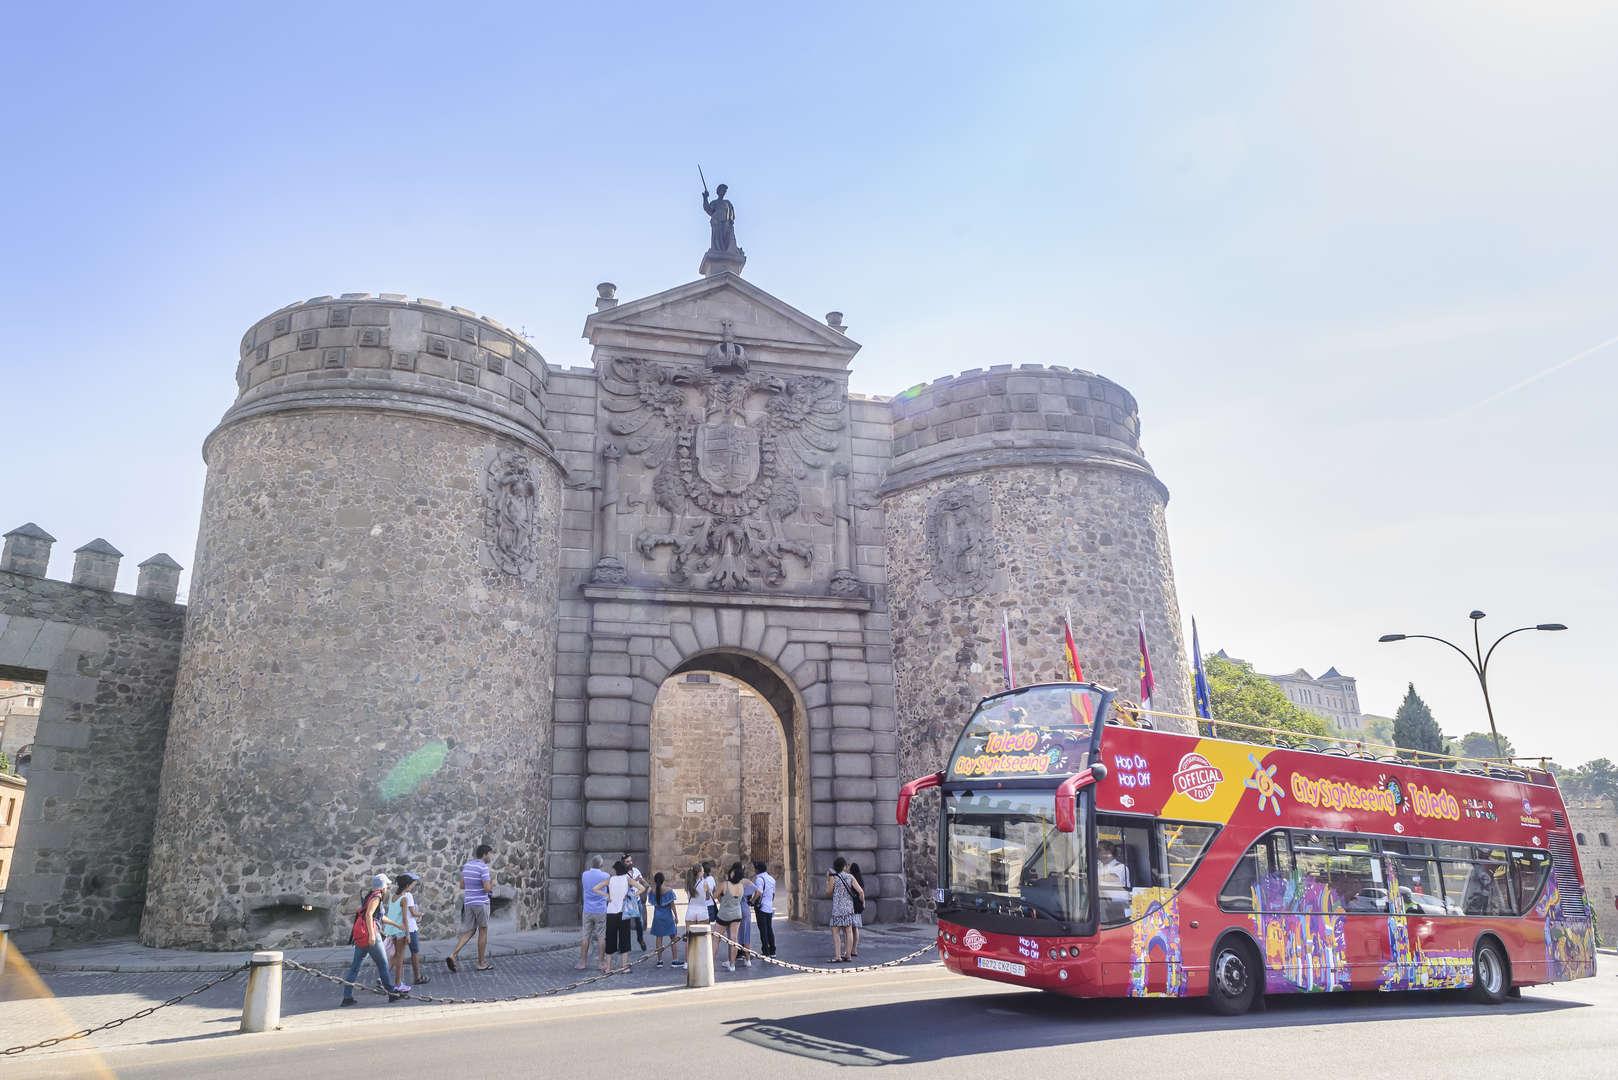 Foto de CITY SIGHTSEEING CATEDRAL SKIP-THE-LINE (24H BUS TURÍSTICO + ENTRADA AL ALCÁZAR + ENTRADA CATEDRAL SIN COLAS)